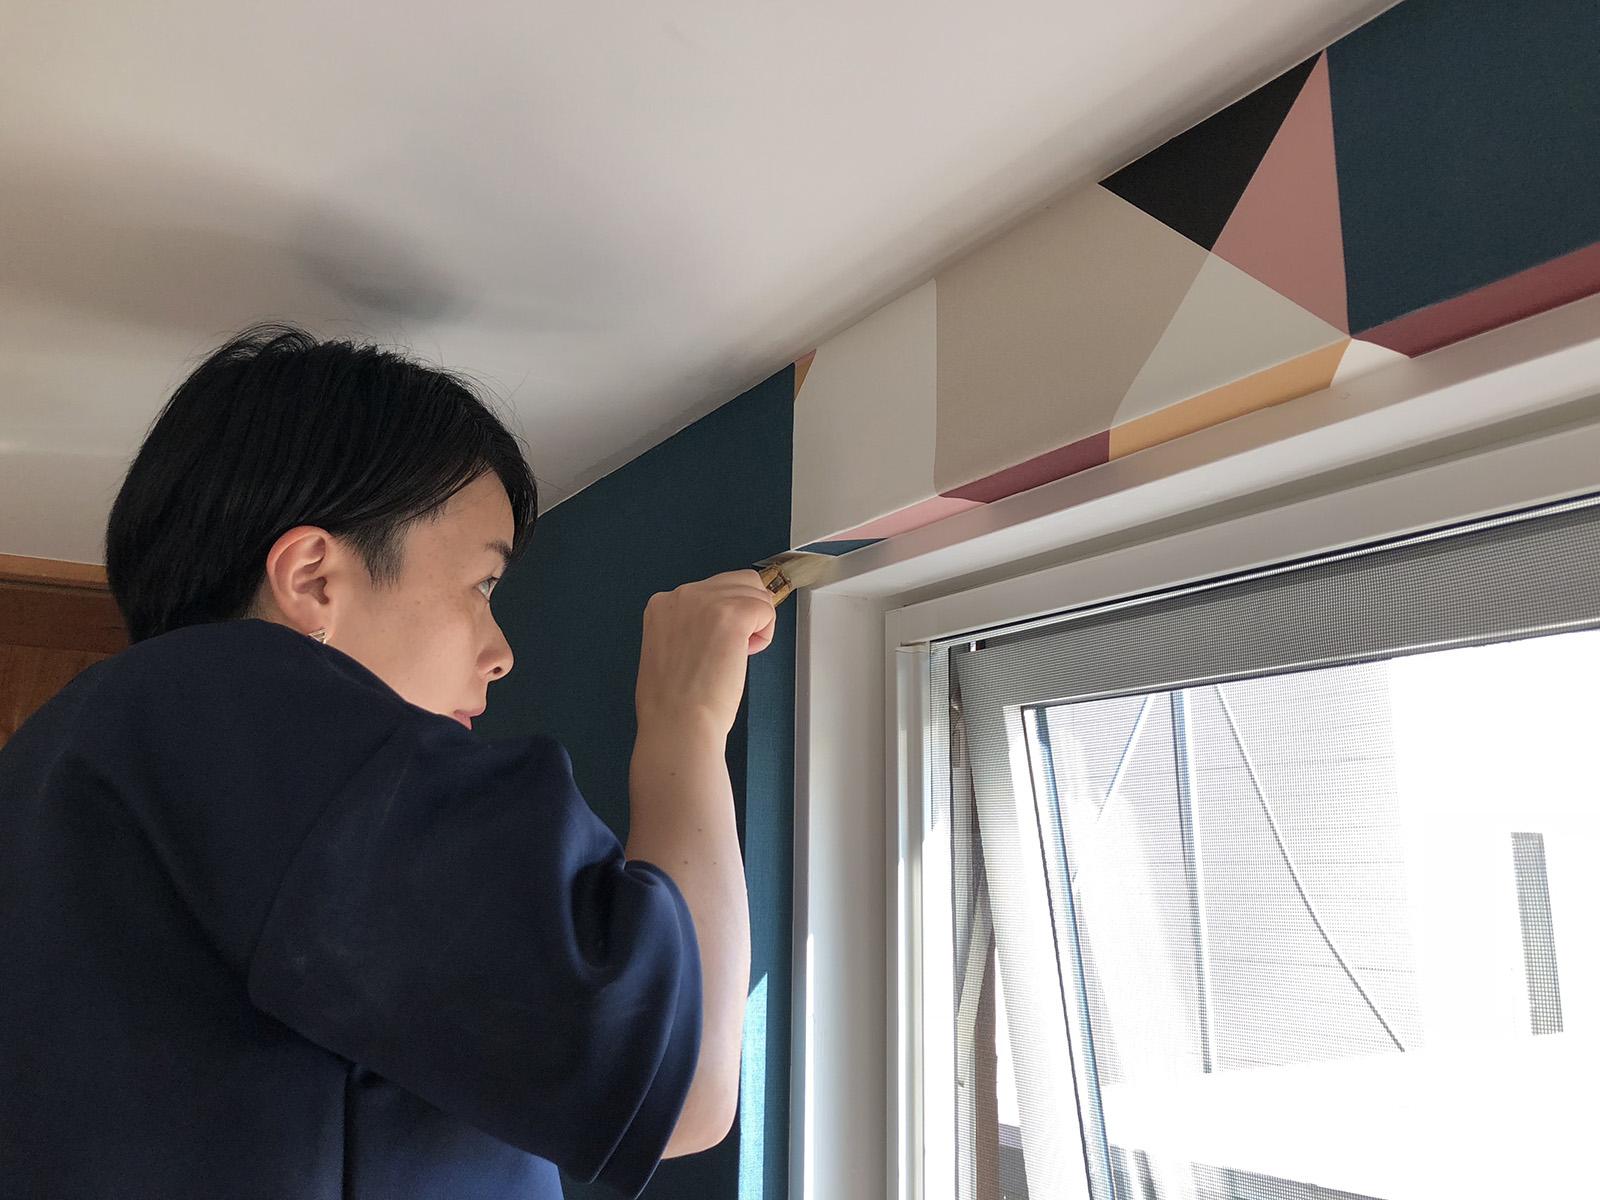 窓枠にも壁紙を巻いて統一感を